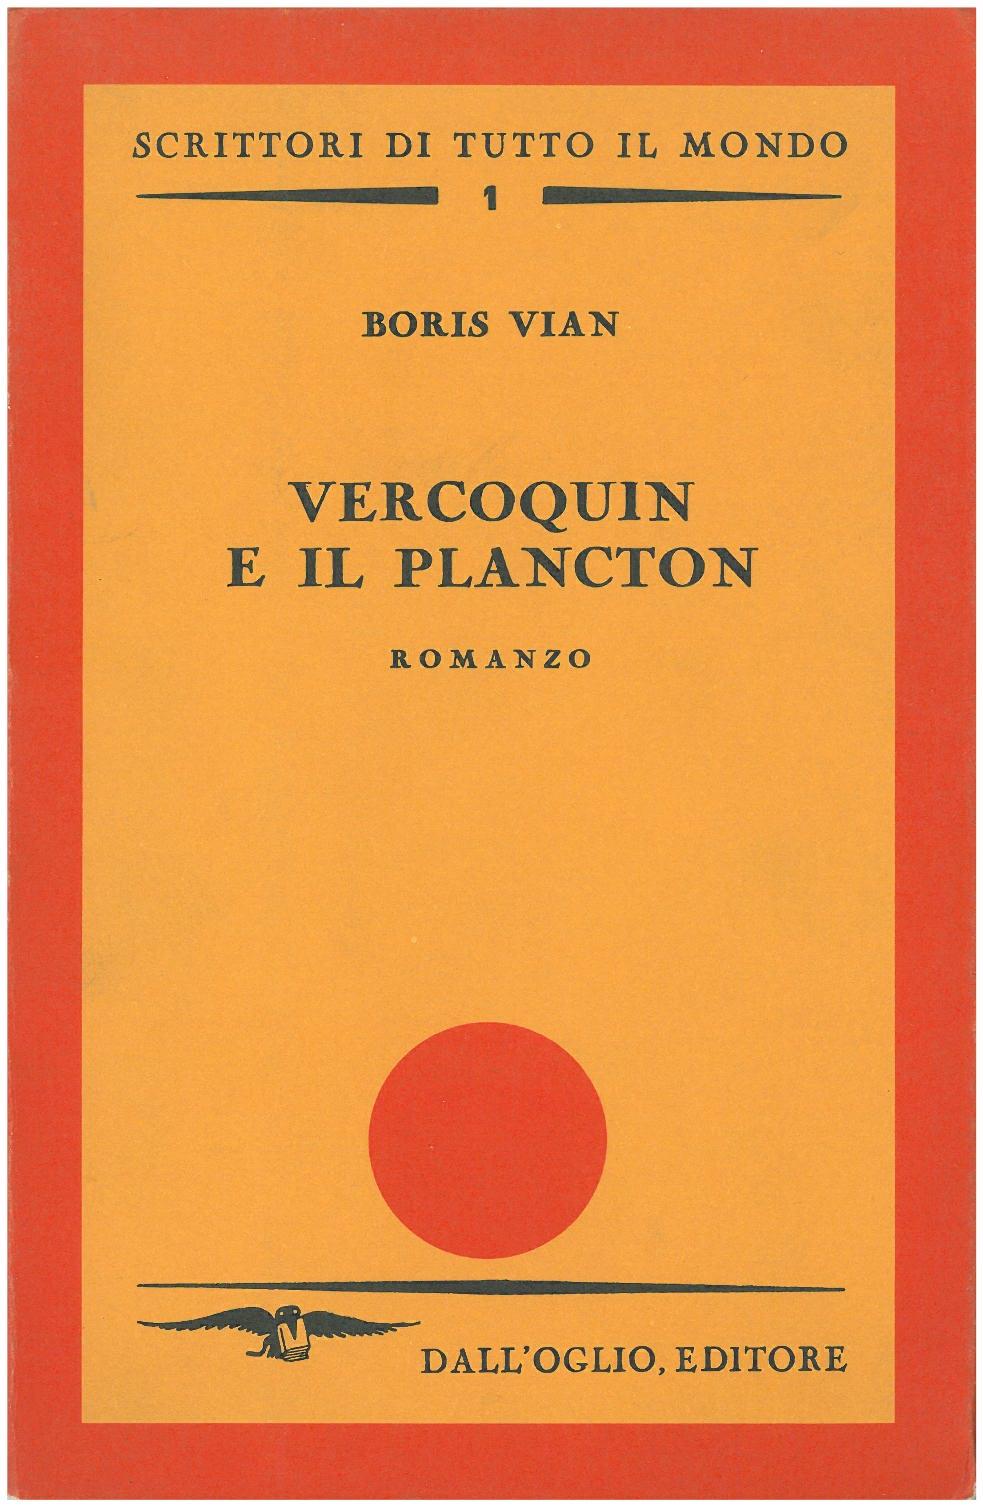 Vercoquin e il plancton